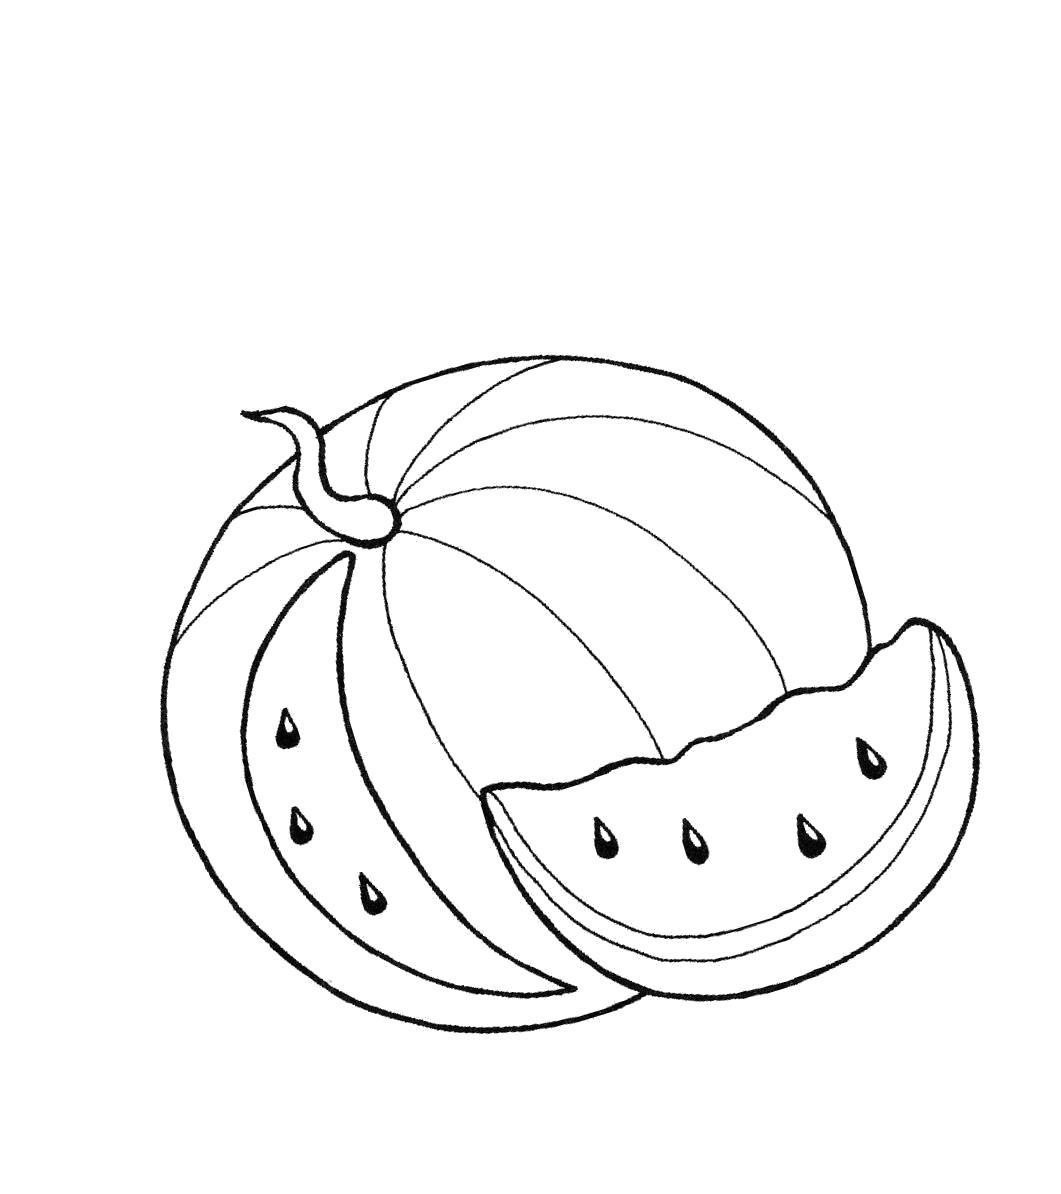 Раскраска  арбуз . Скачать арбуз.  Распечатать ягоды